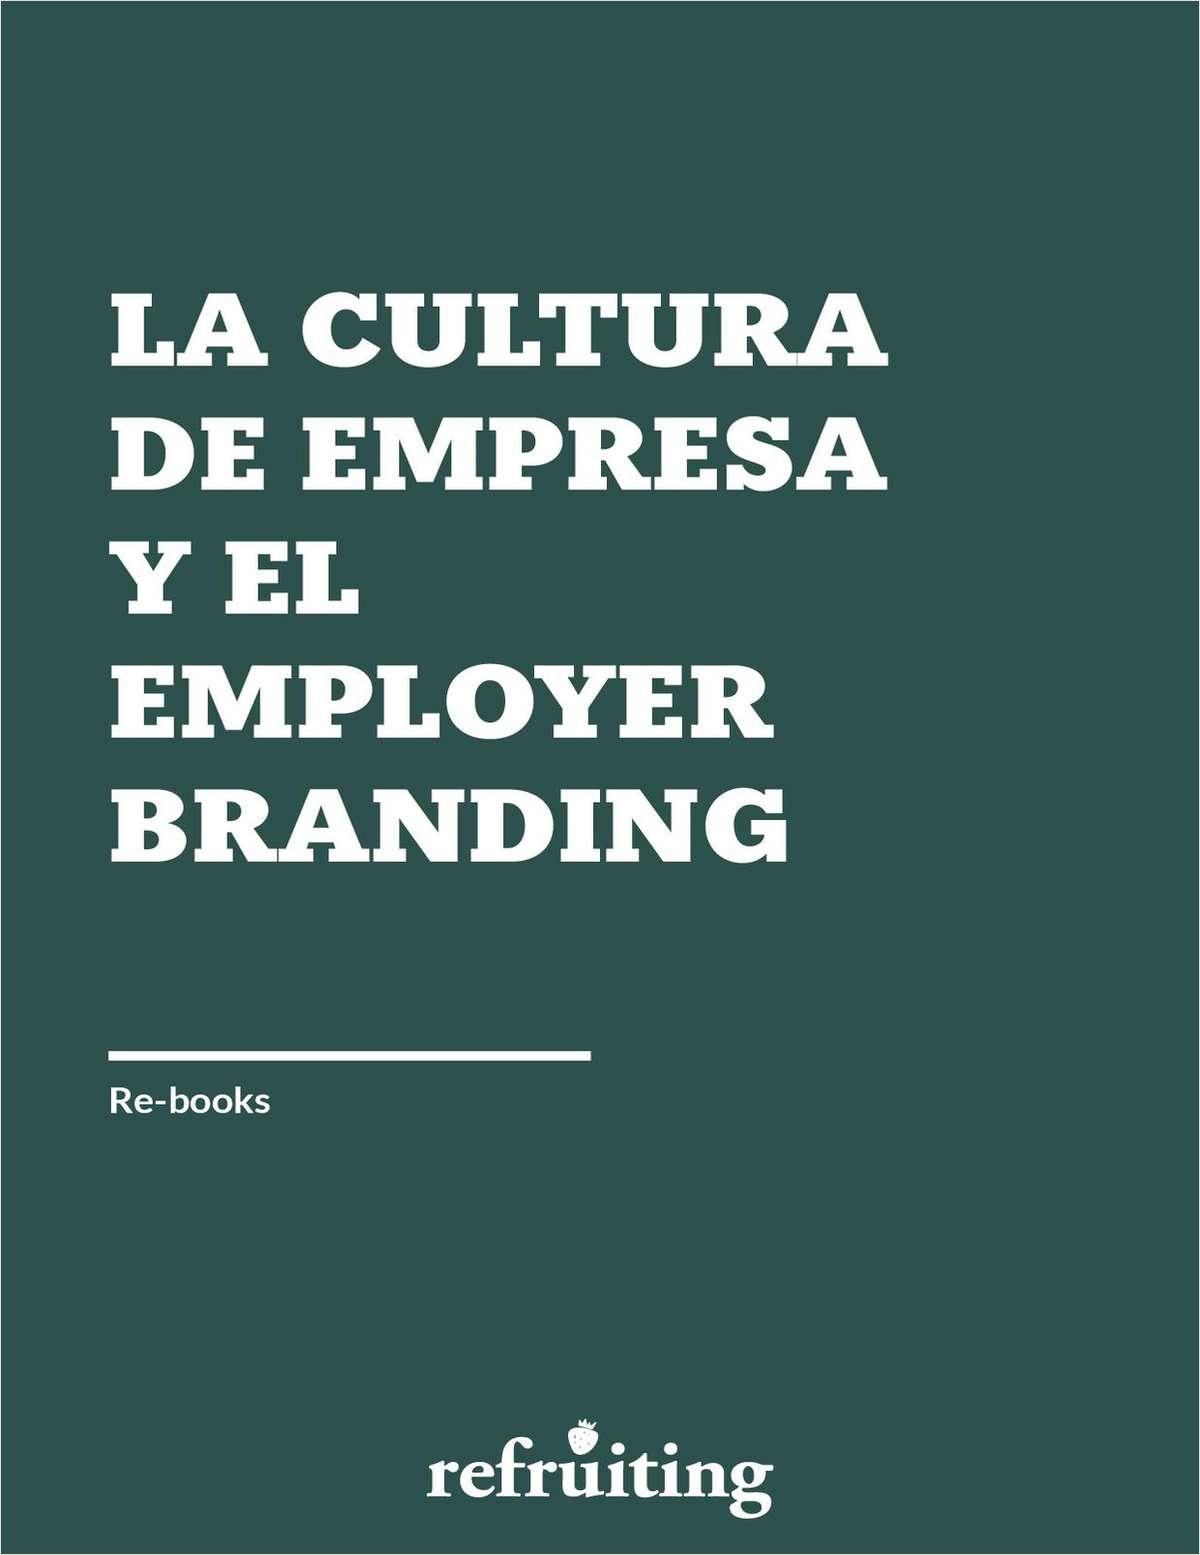 Cultura de empresa y Employer Branding